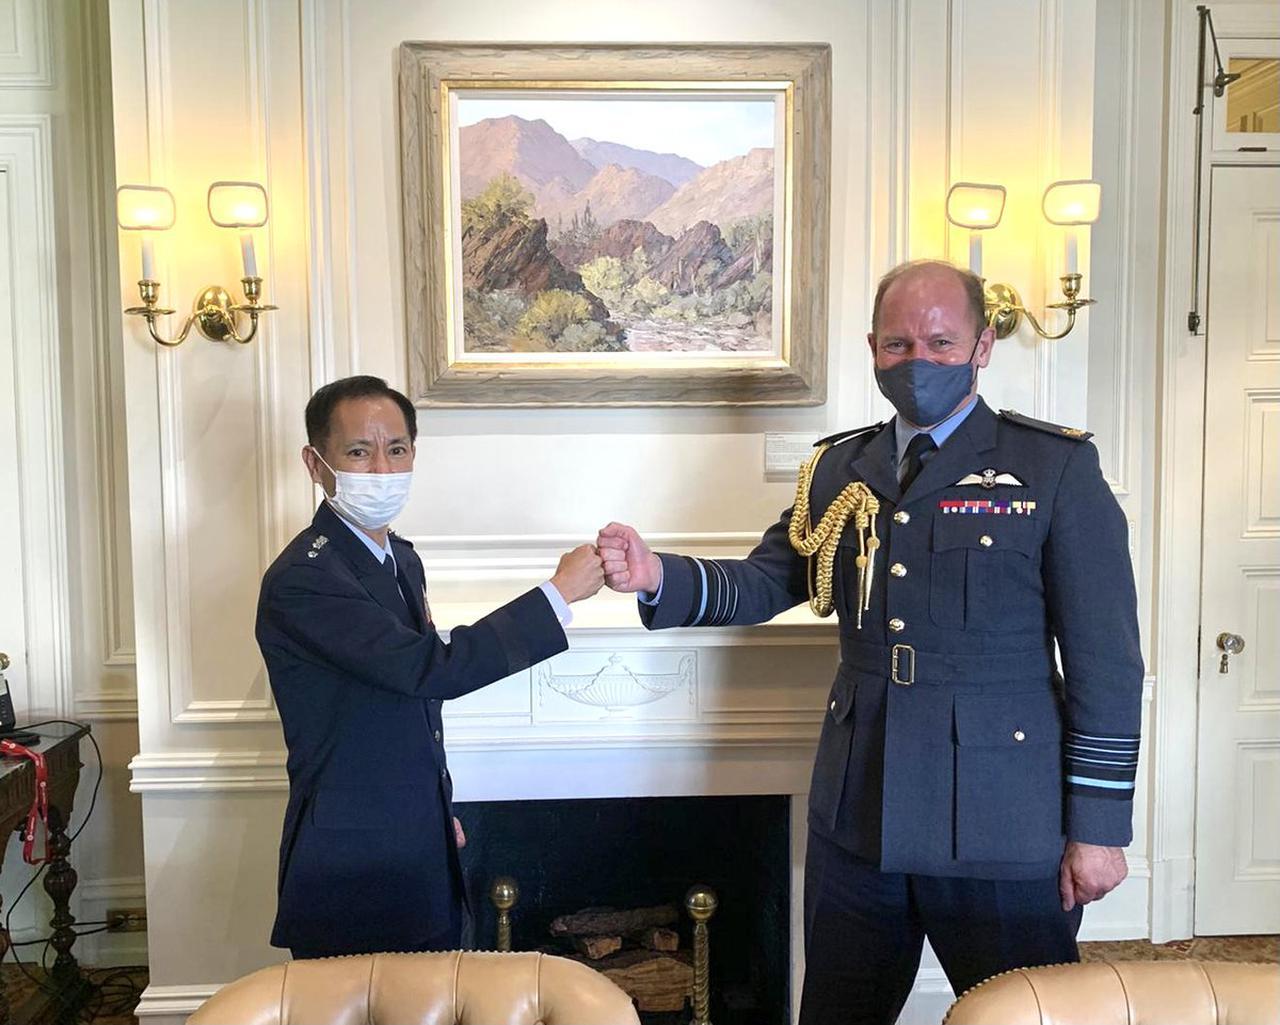 画像1: 井筒空幕長とウィグストン英空軍参謀長 航空自衛隊ツイッターより twitter.com